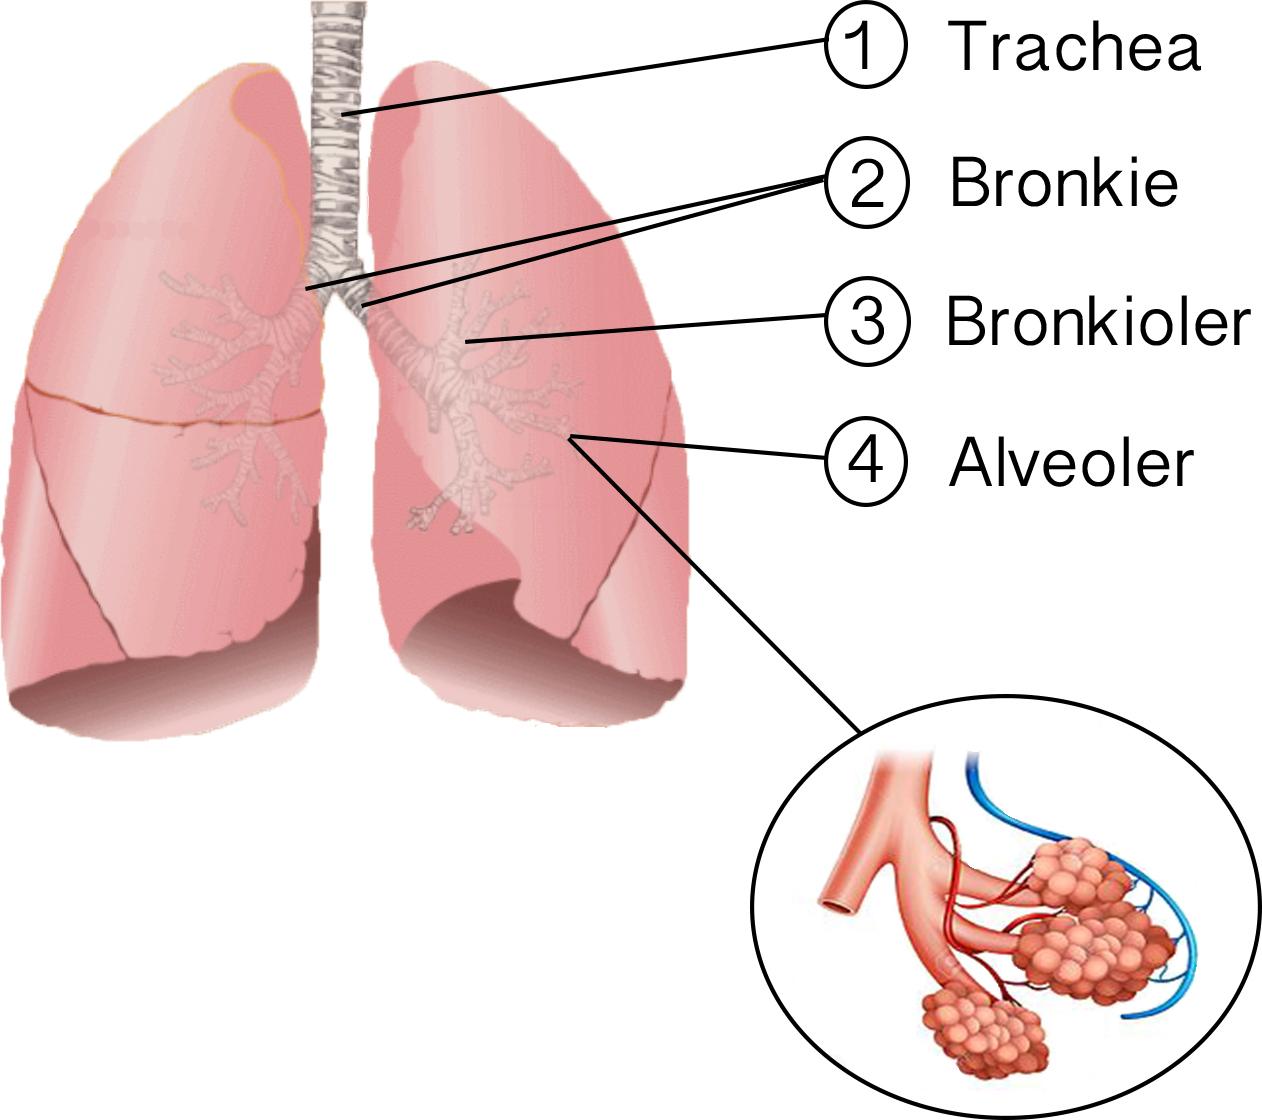 hvordan er lungerne opbygget